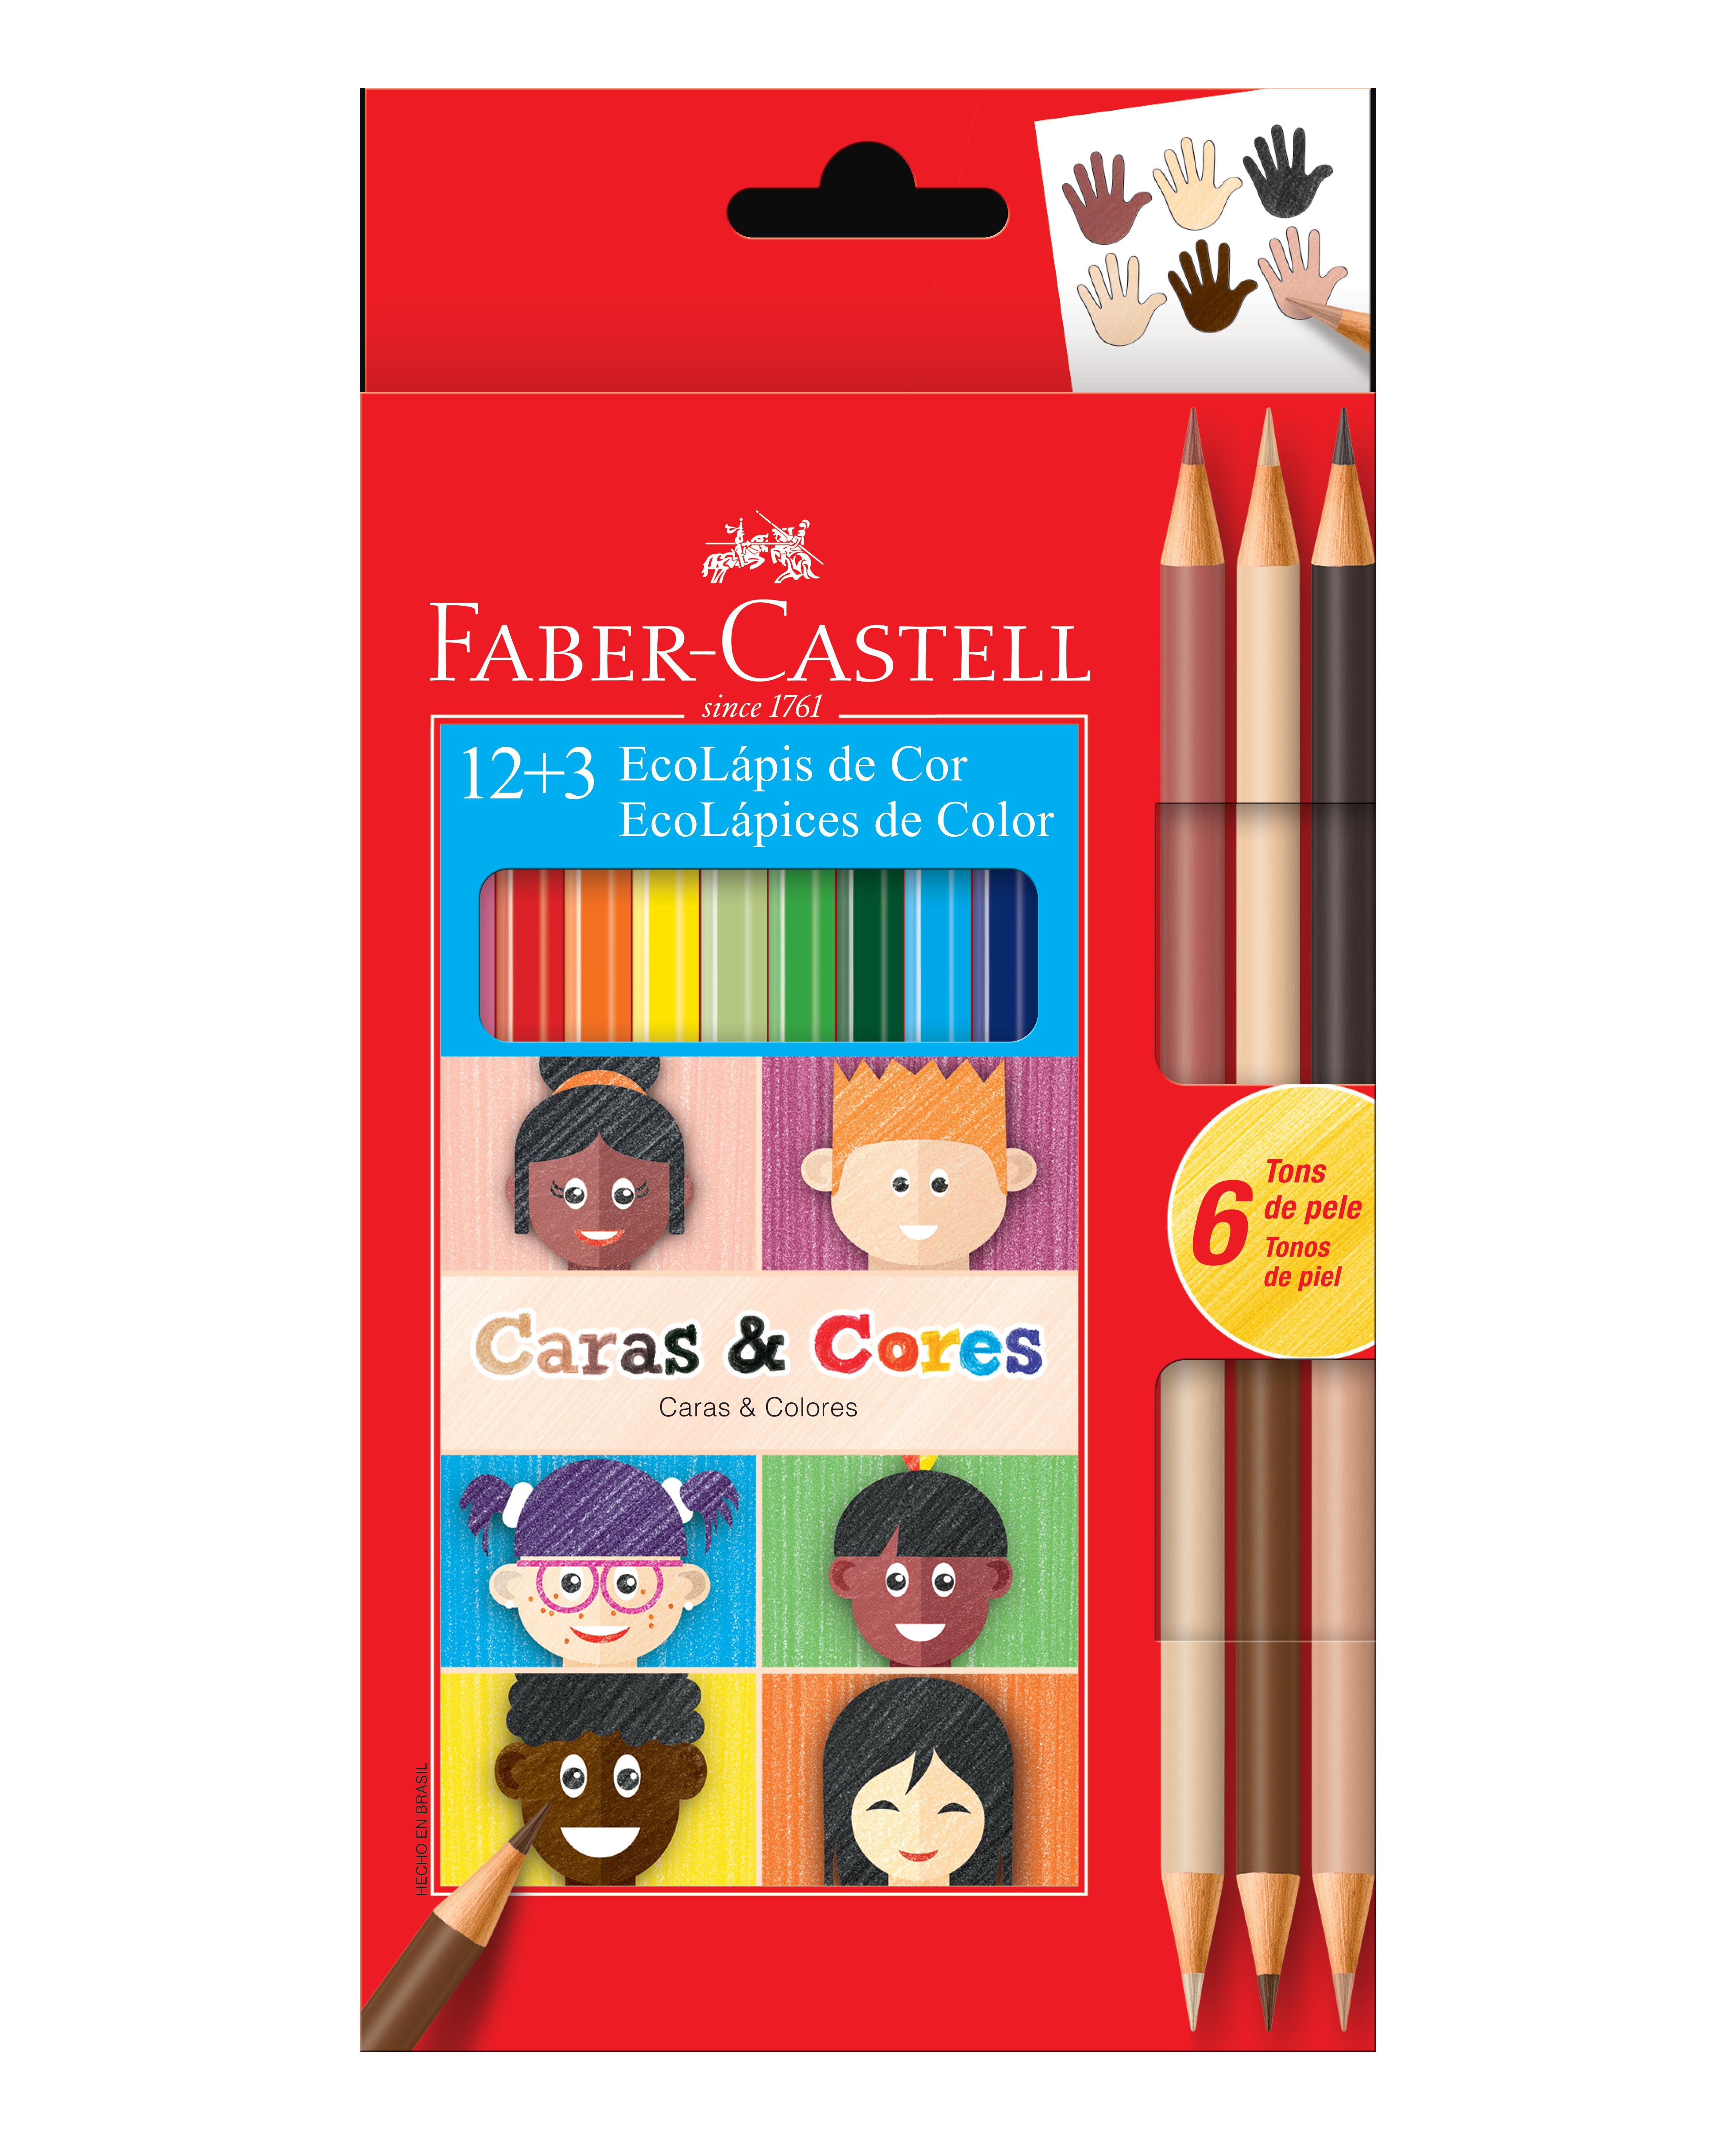 Lápis Caras & Cores em caixa de 12 cores da Ecolápis (Foto: Faber Castell/Divulgação)